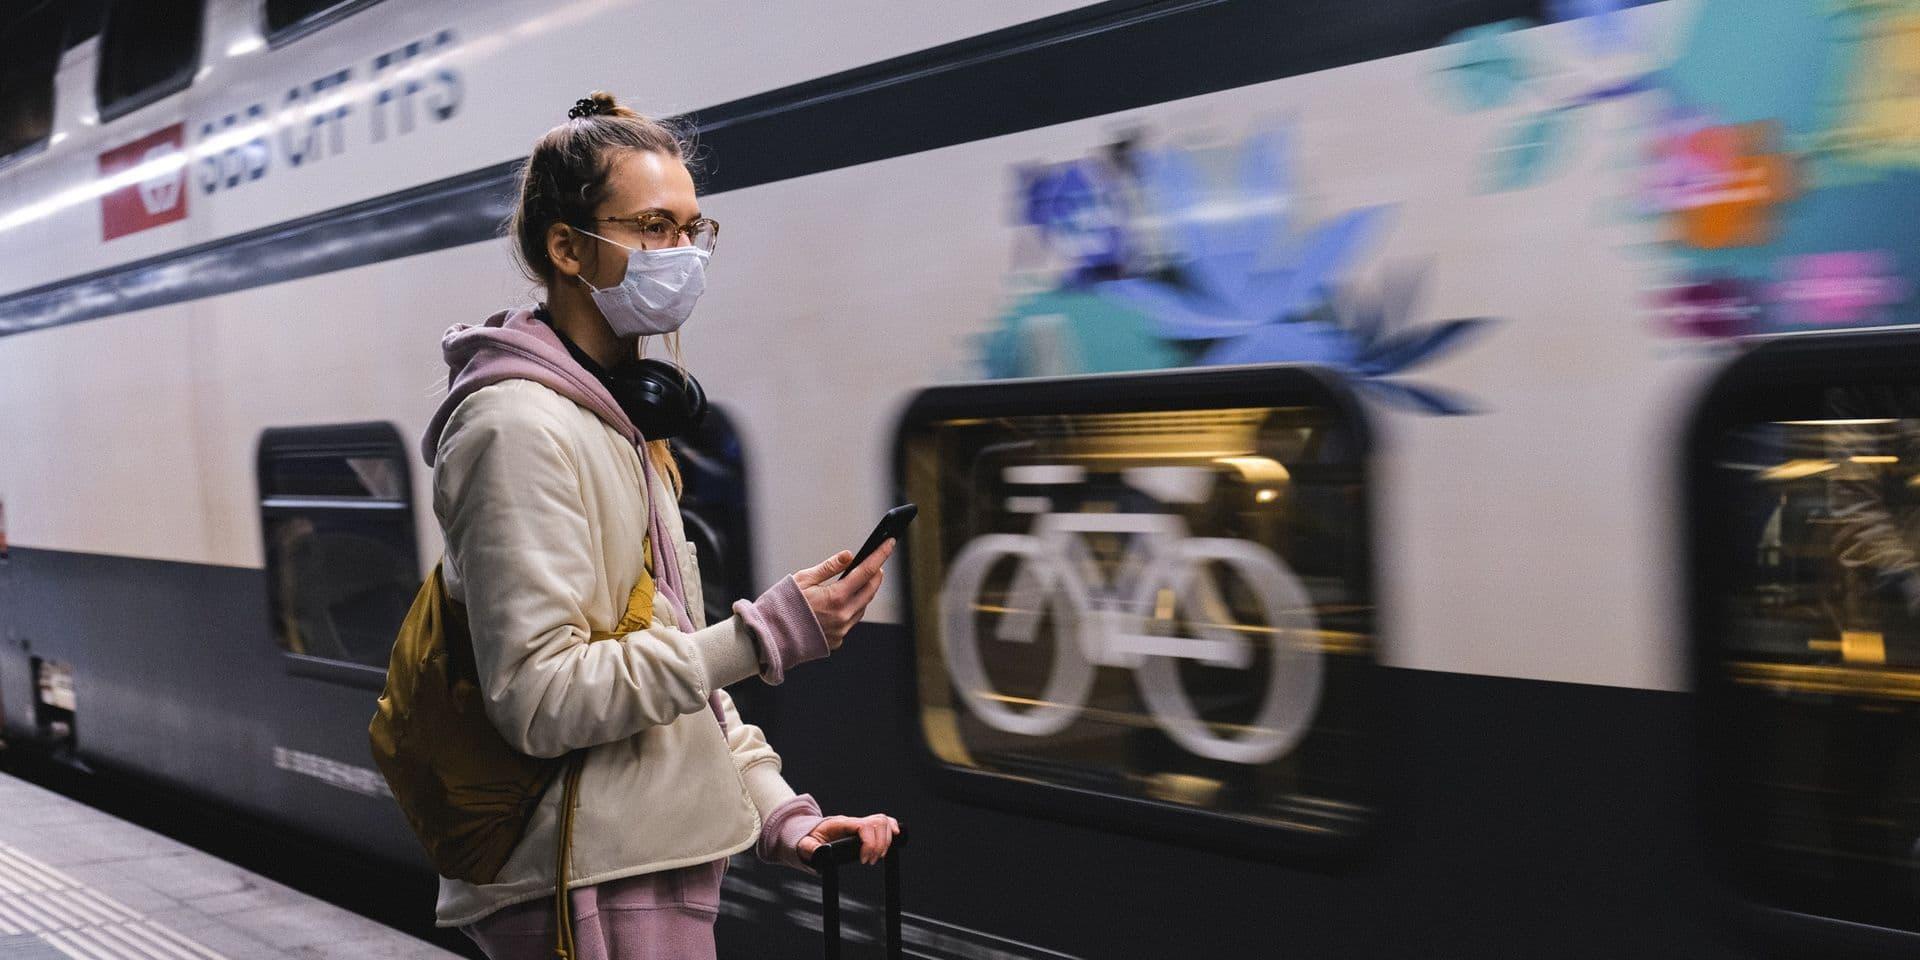 Il reçoit une amende de 135 euros pour non-port du masque, alors qu'il est en train de manger